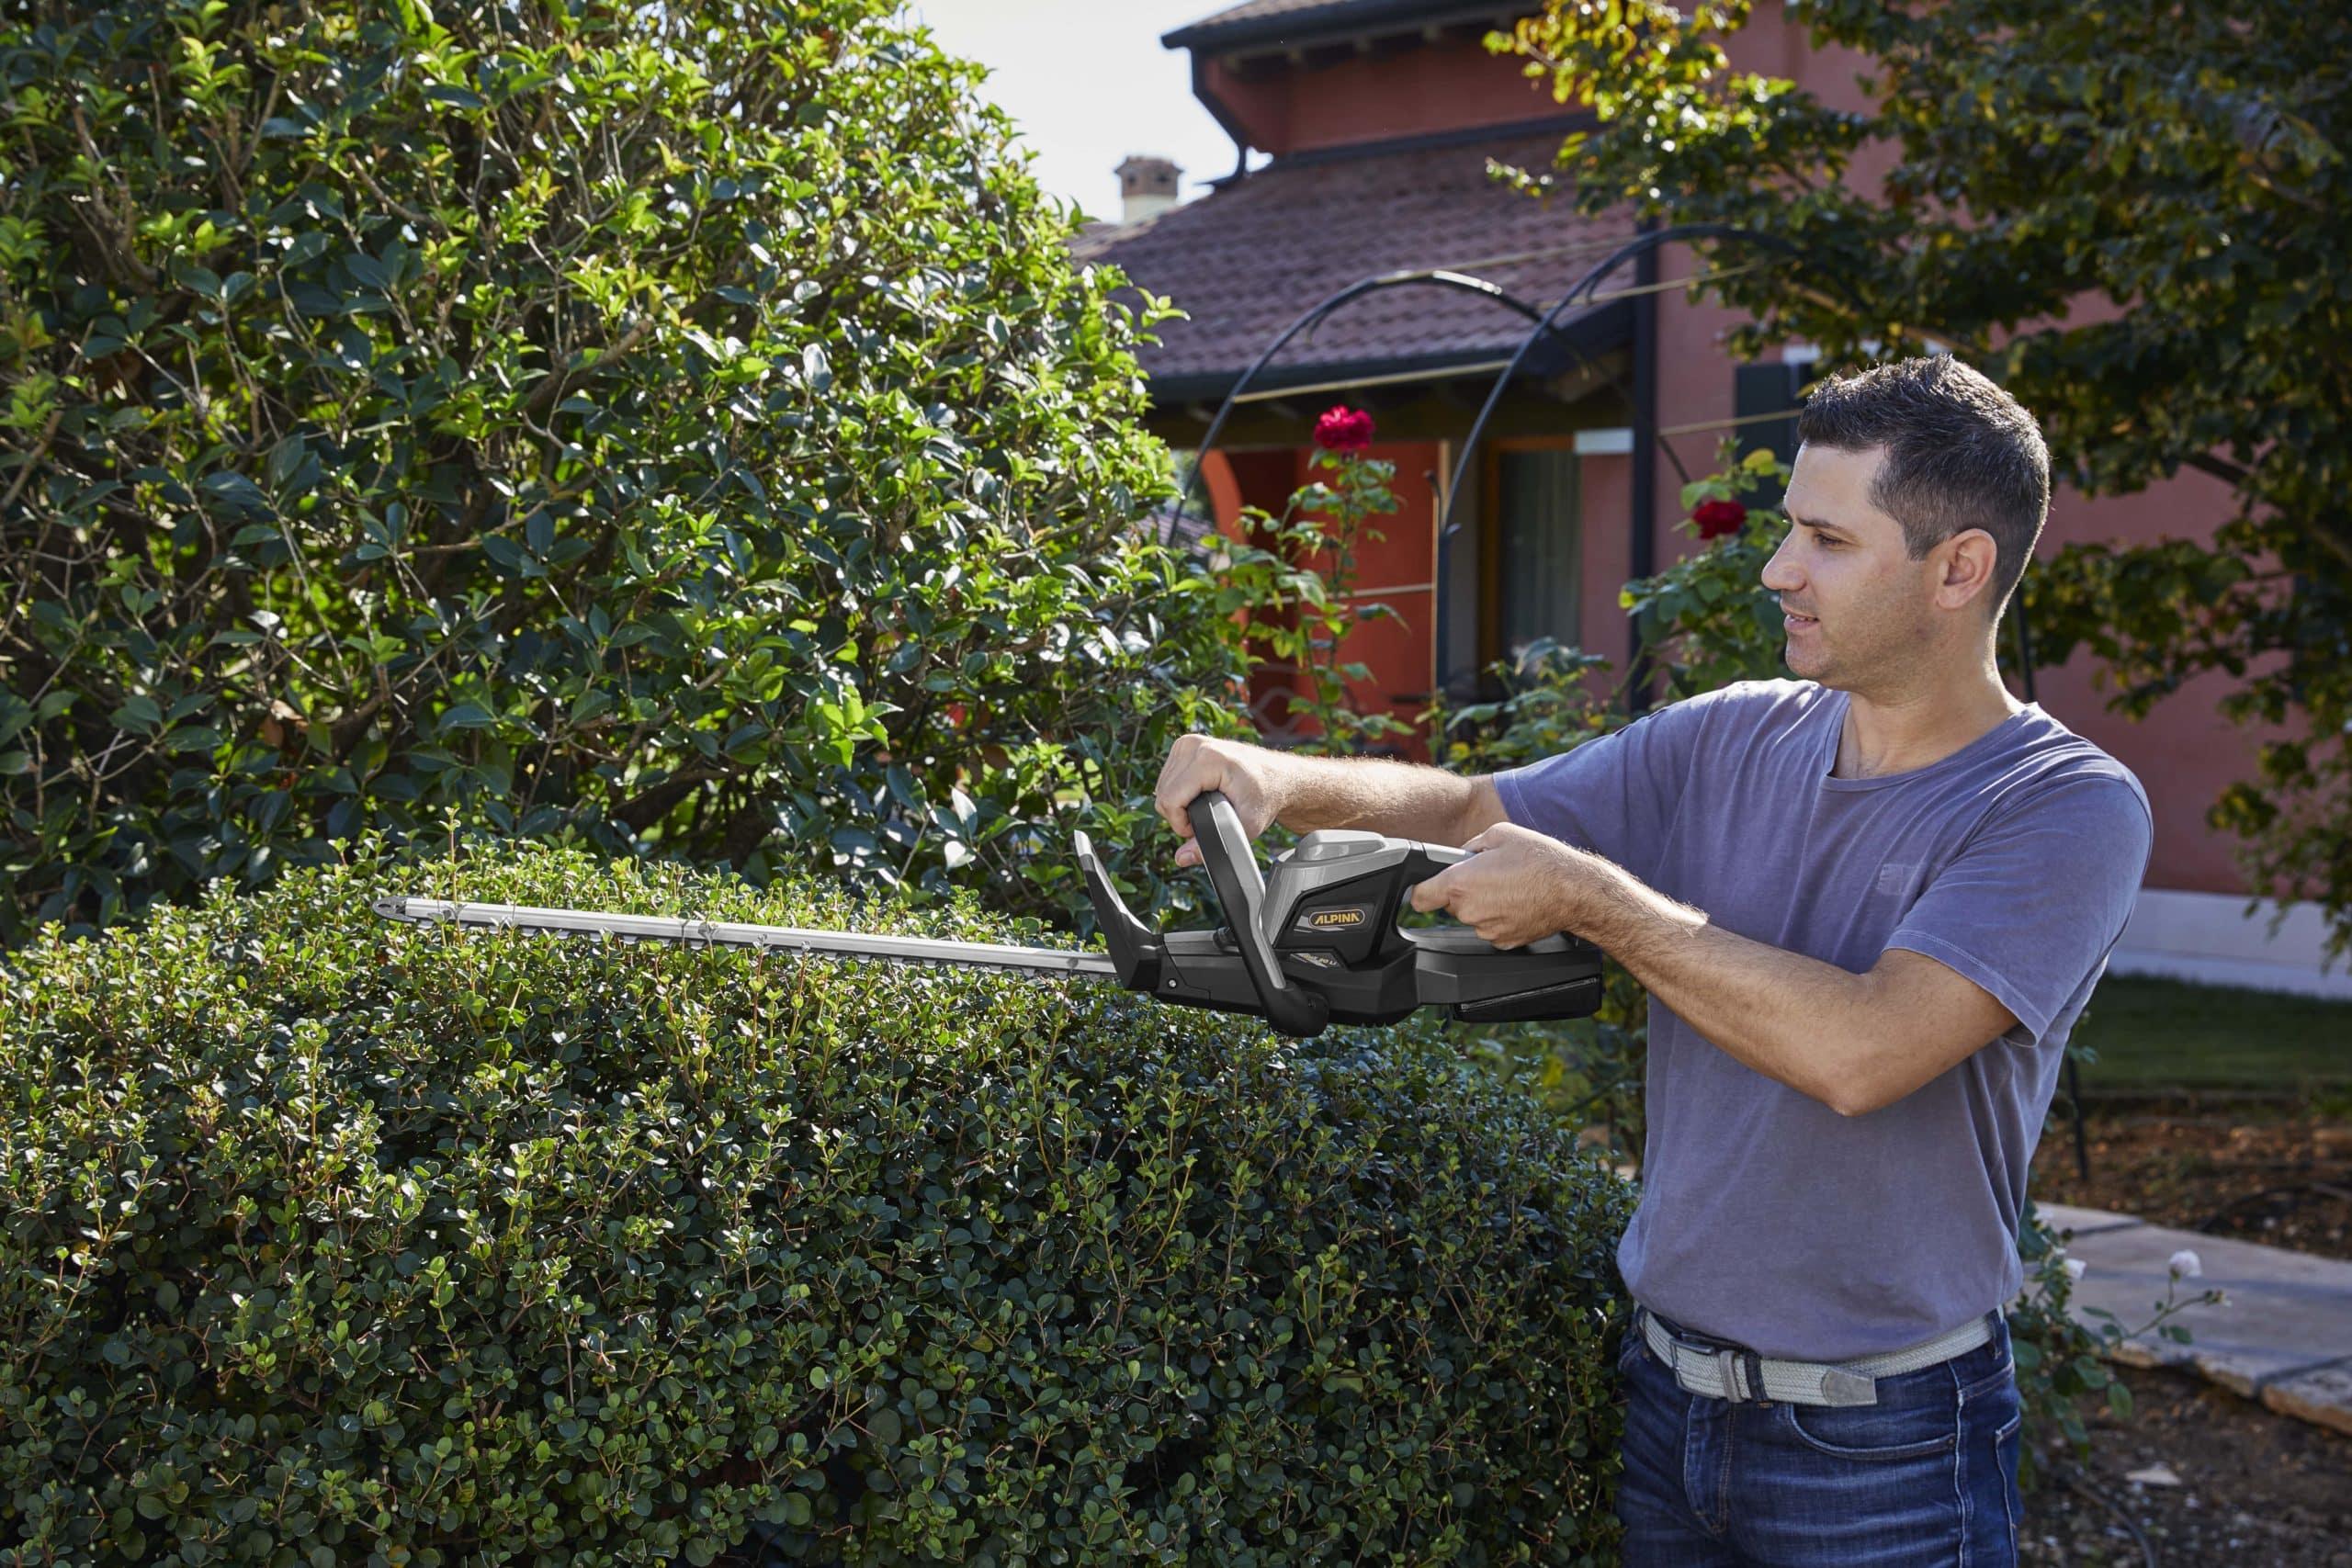 Jakie prace ogrodowe wykonywać latem? 1